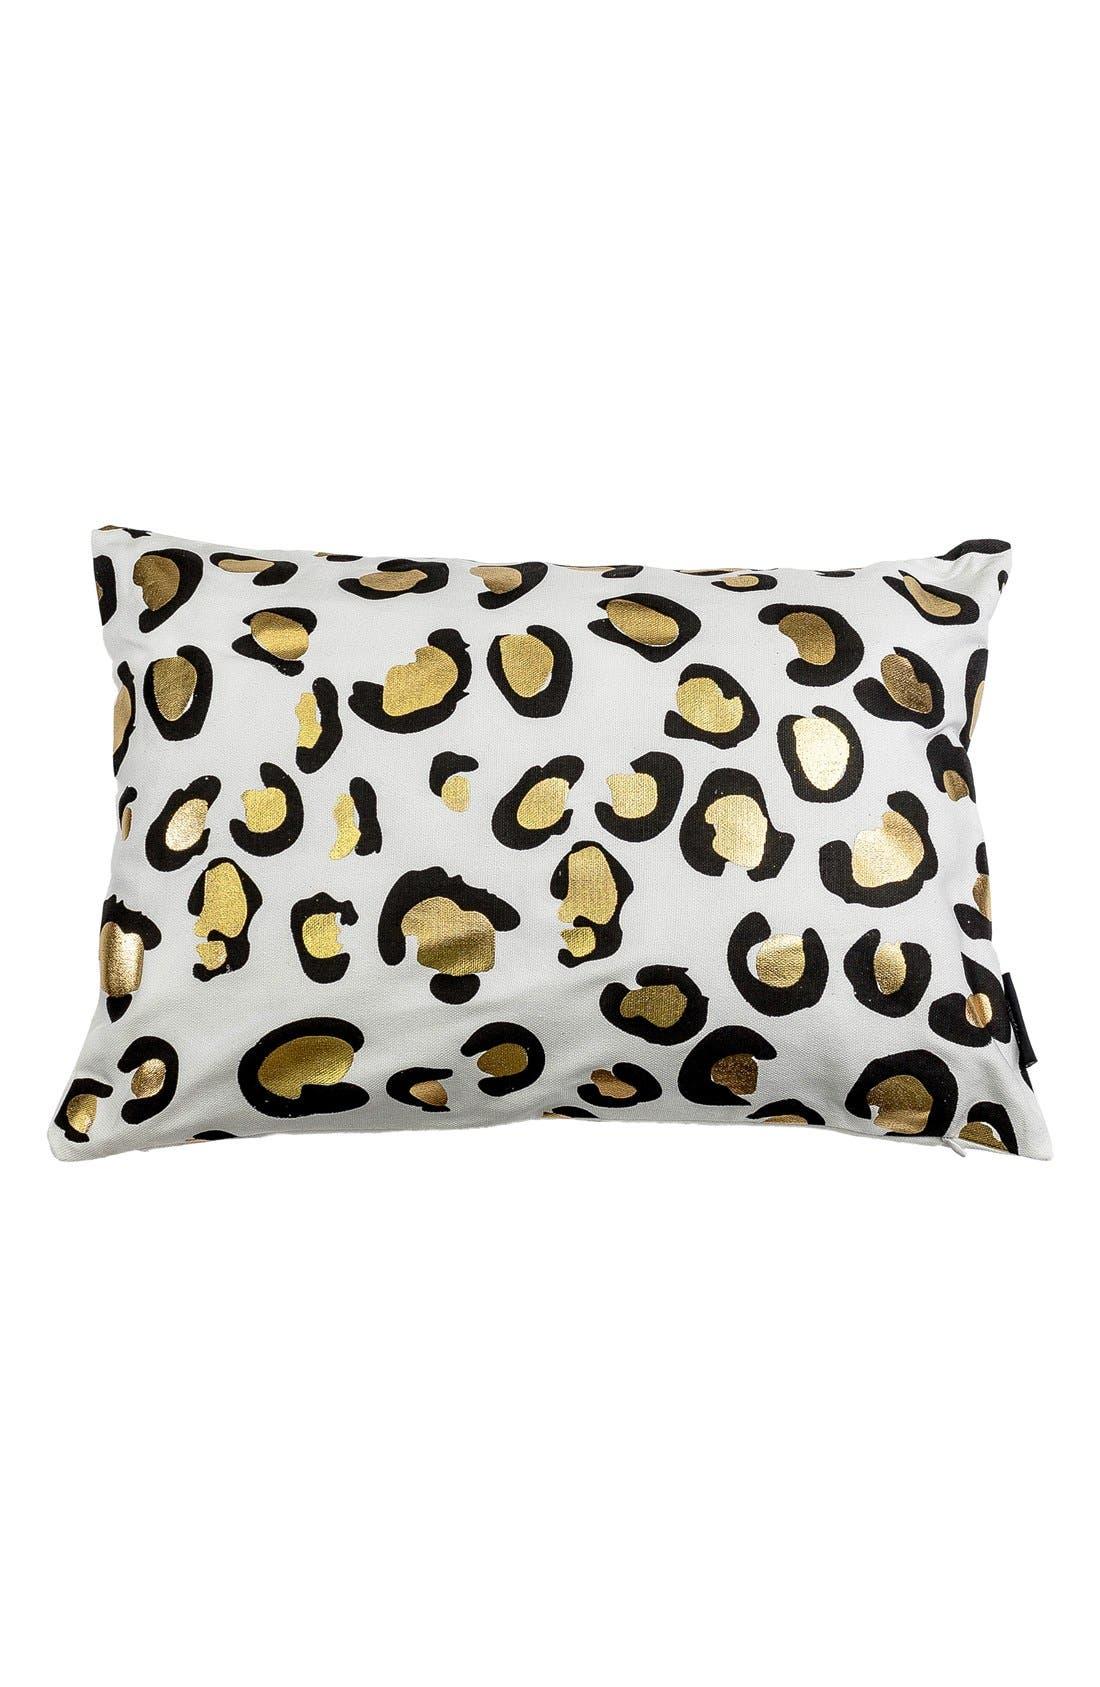 Metallic Animal Print Pillow,                         Main,                         color, 710